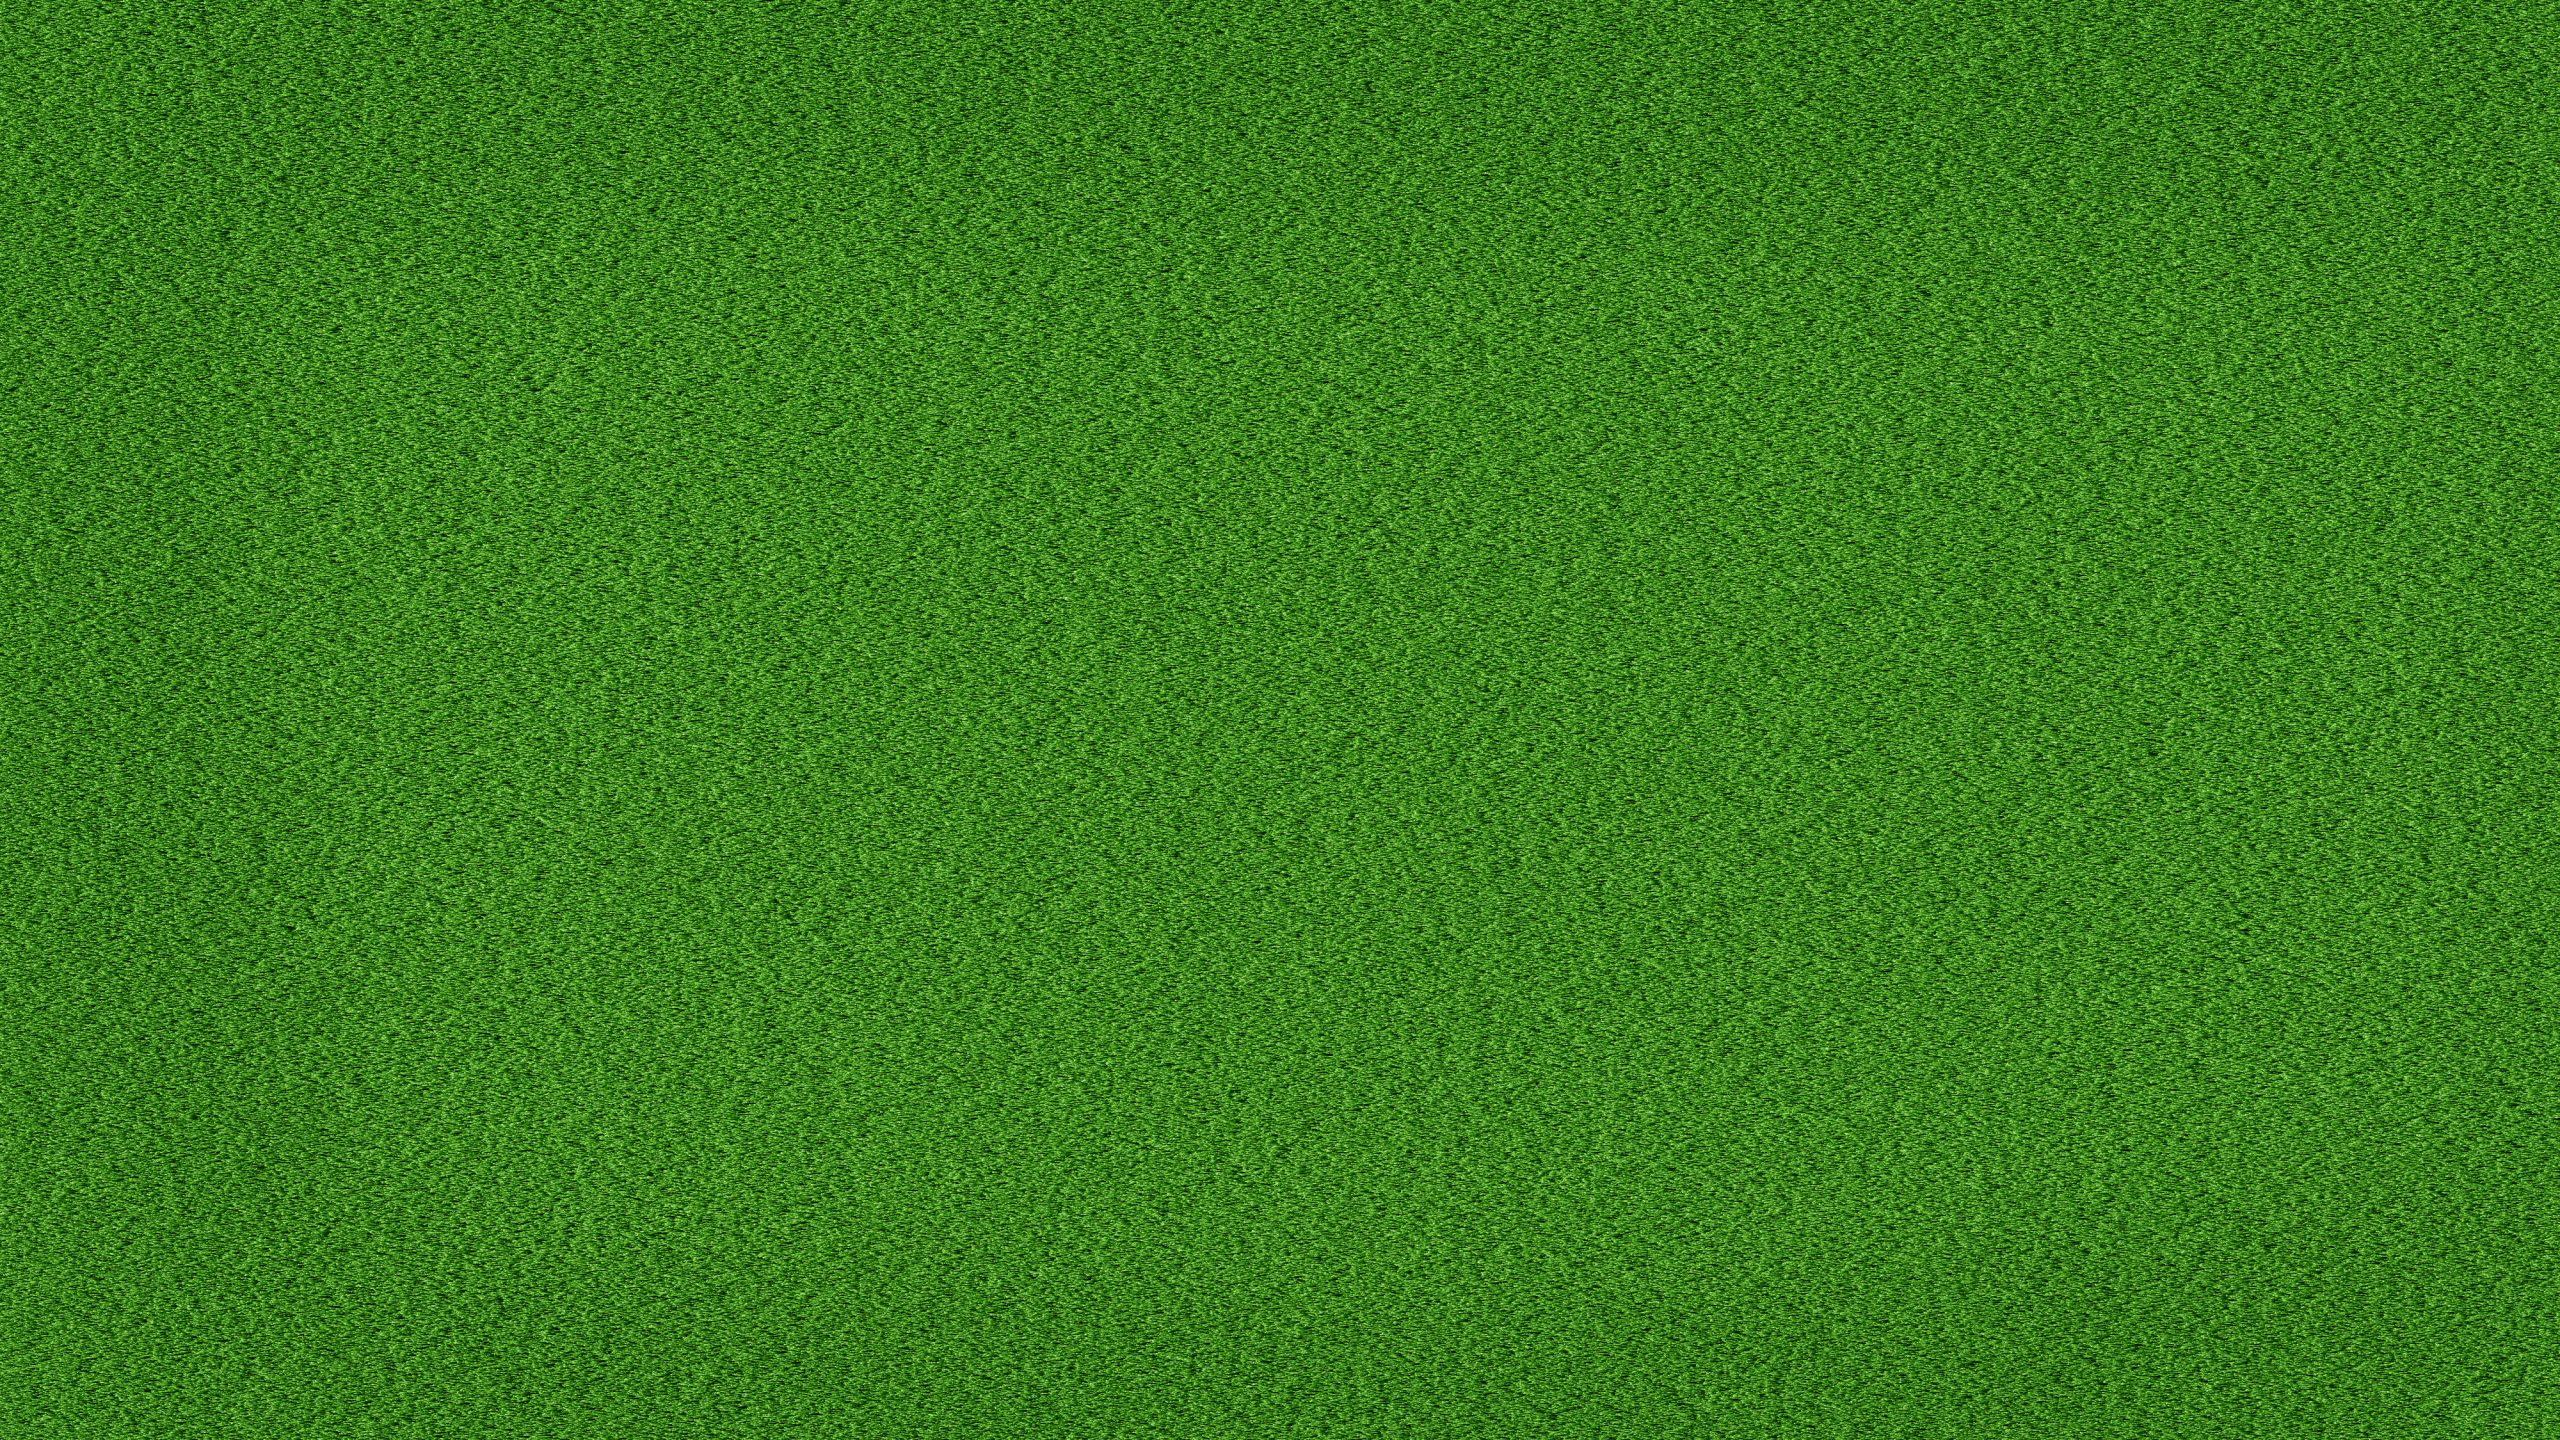 Green grass abstract wallpaper